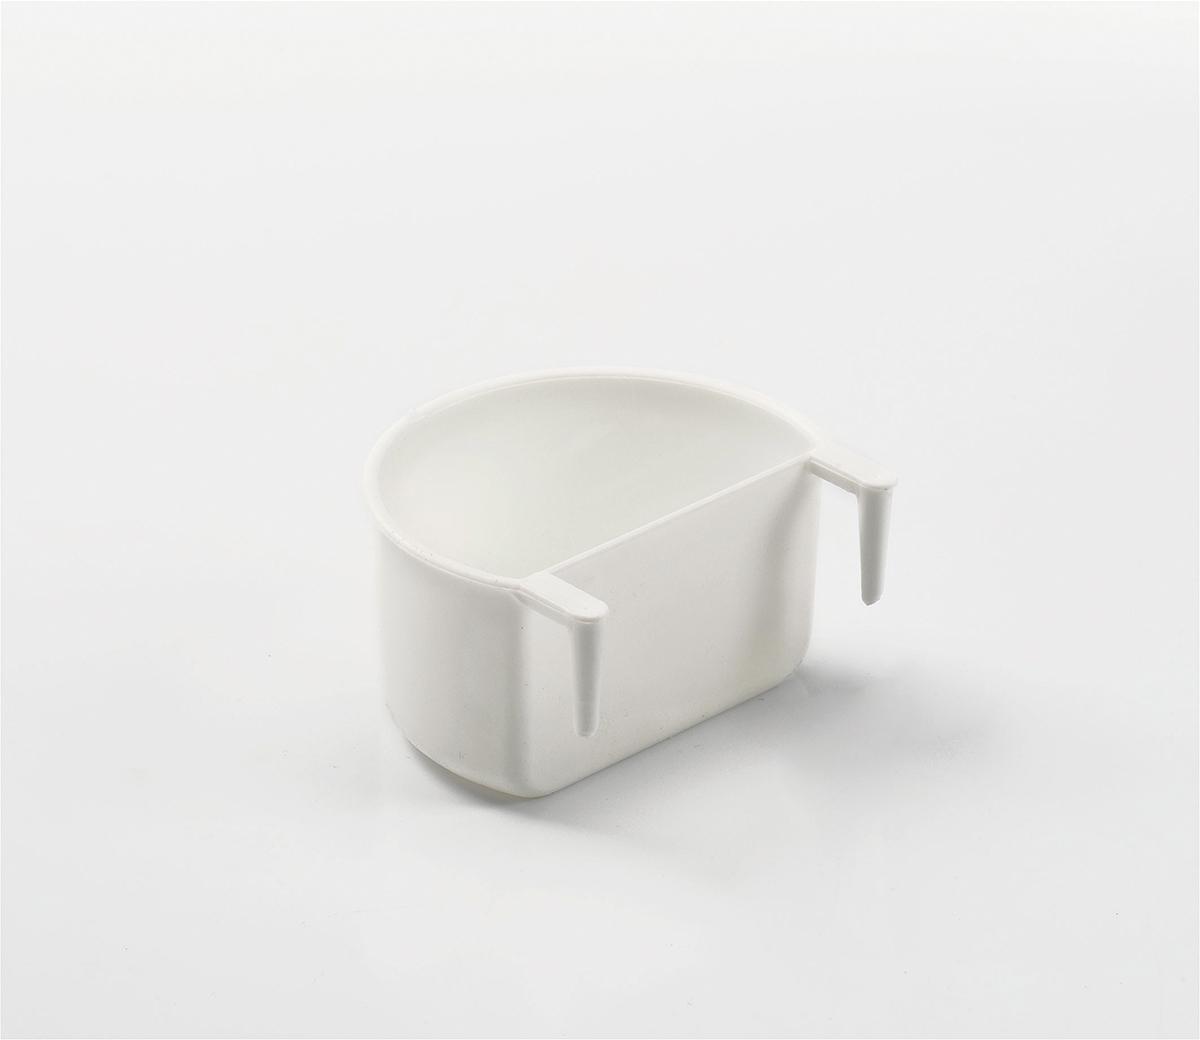 Productafbeelding voor 'Tt bakje wit'